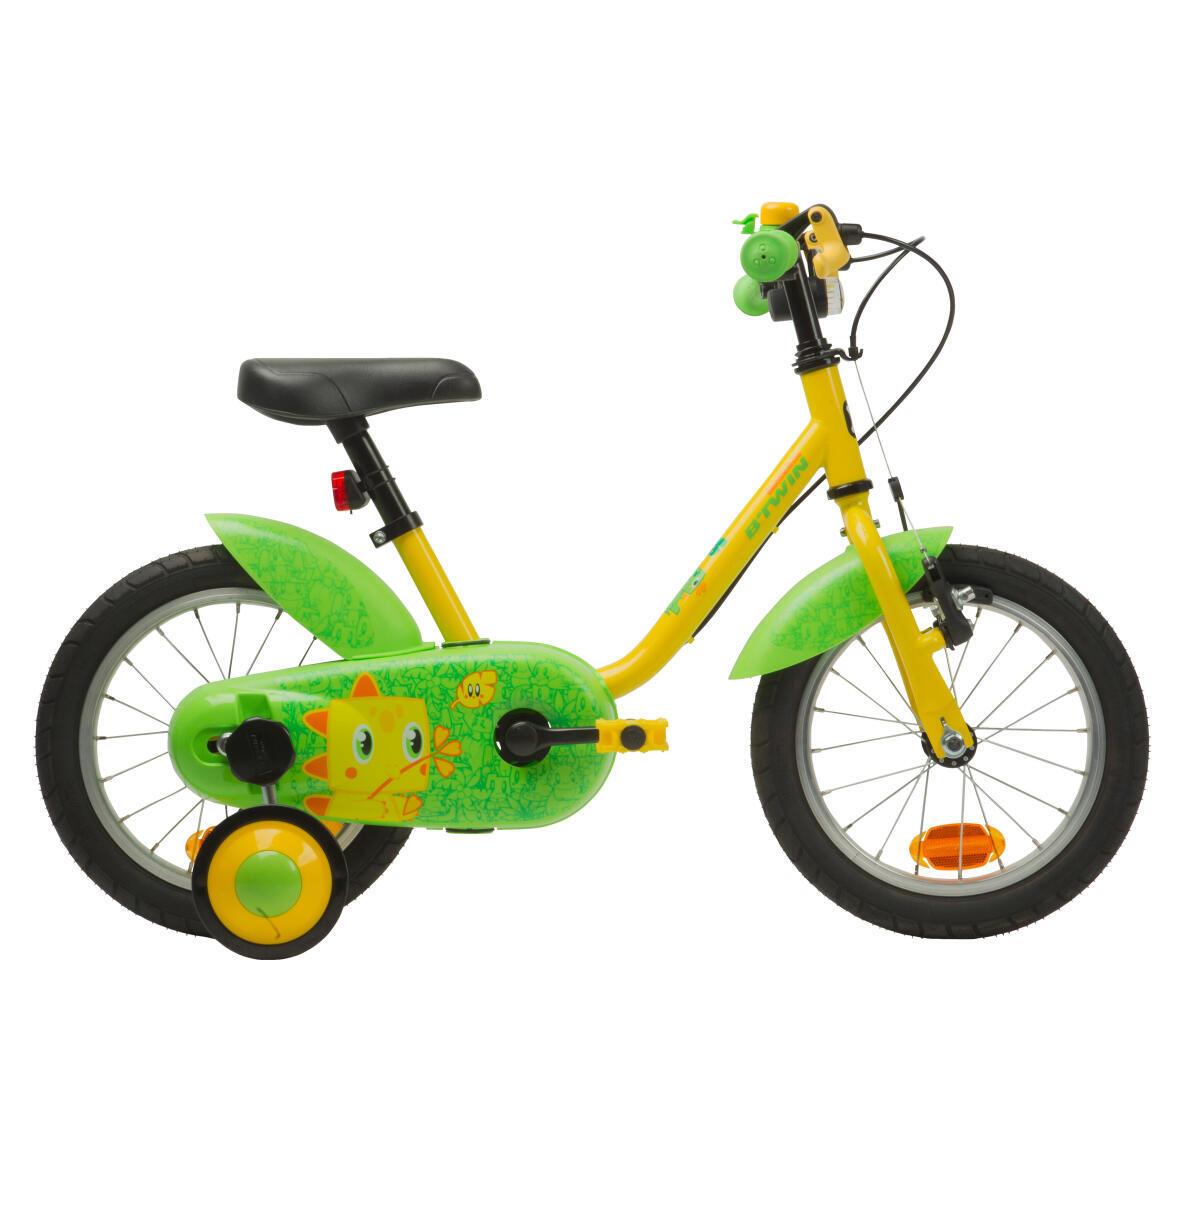 velo_14_pouces_vert_jaune